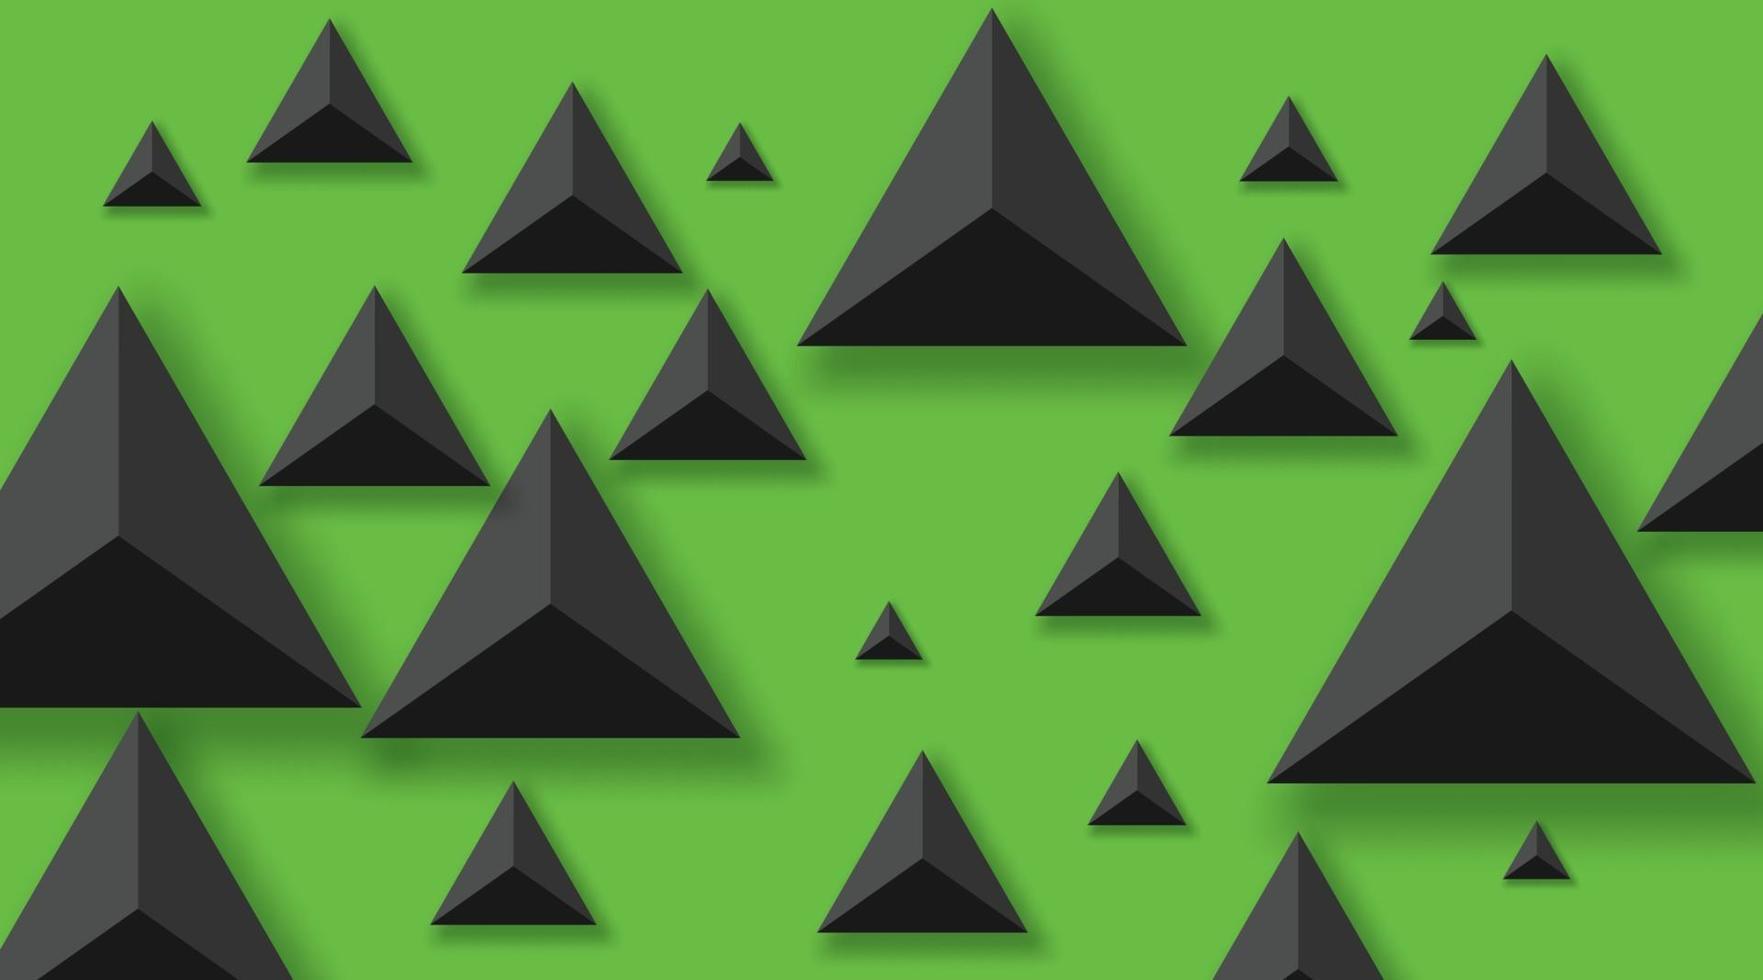 abstrakter Hintergrund mit schwarzen Dreiecken. realistisch und 3d. Vektorillustration auf grünem Hintergrund. vektor